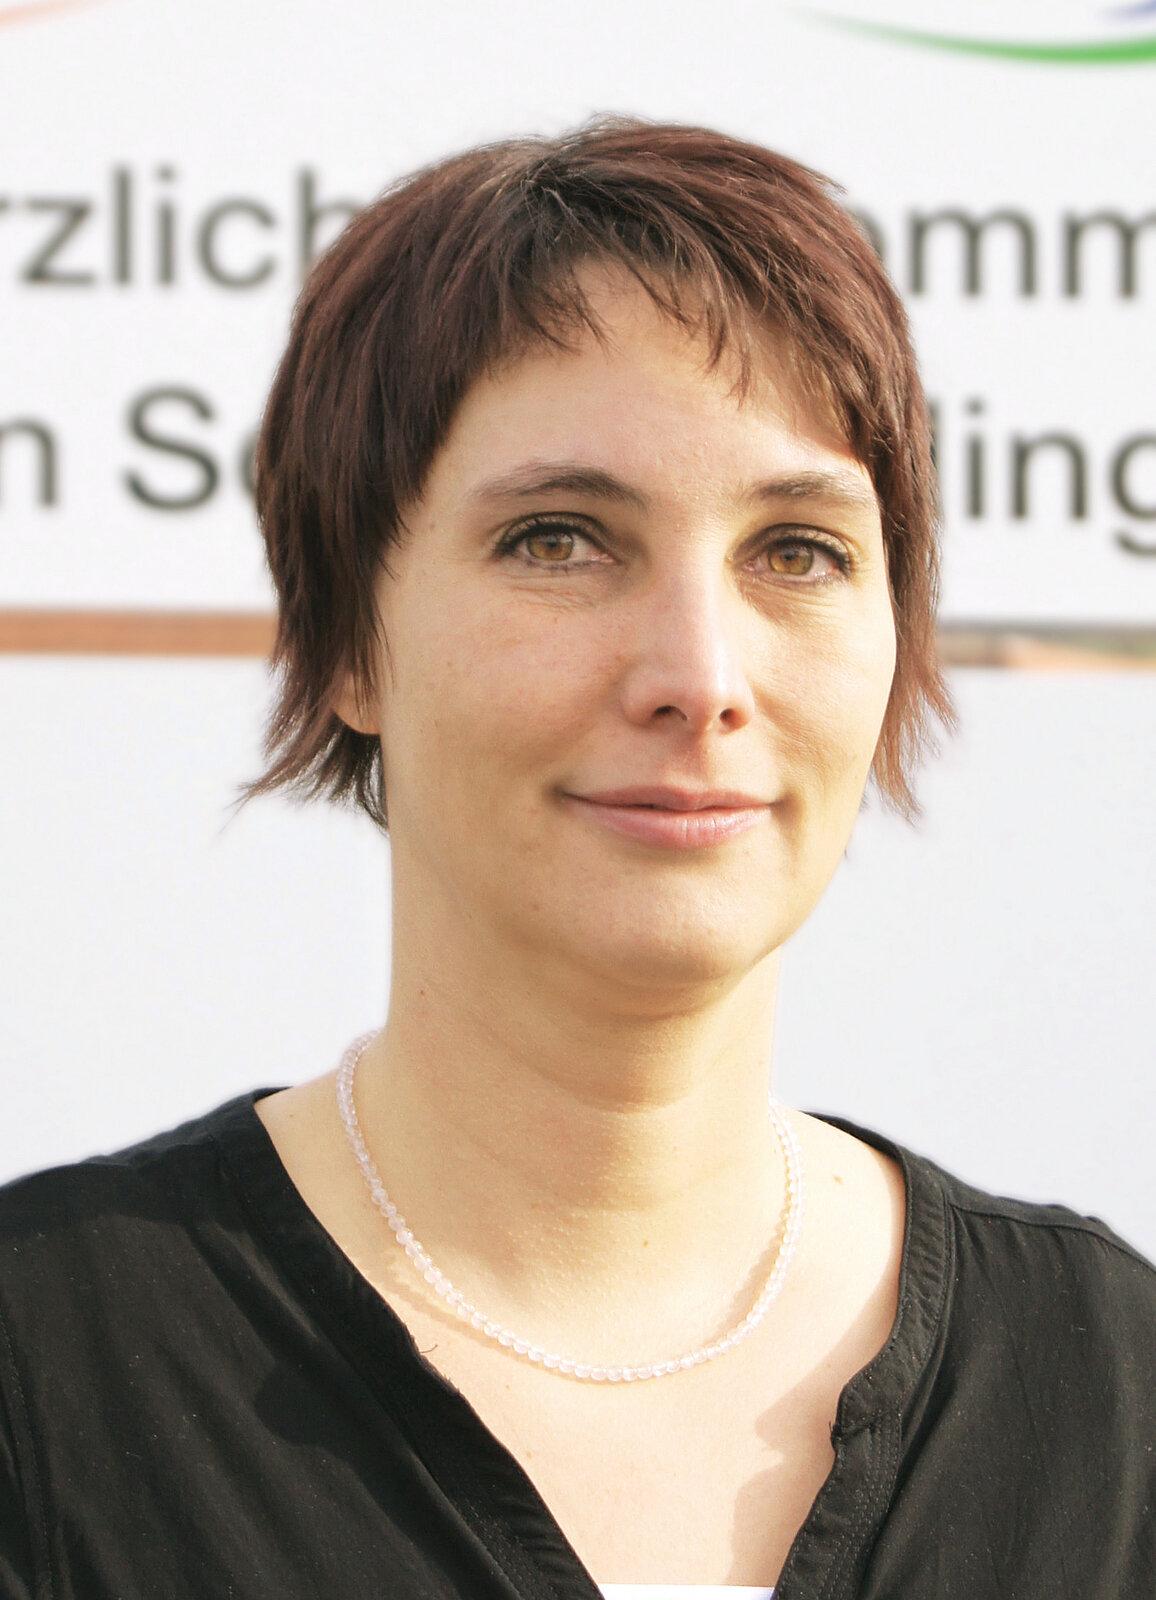 Alexandra_Neuland_Freie_W_hlergemeinschaft_Sch_nderling